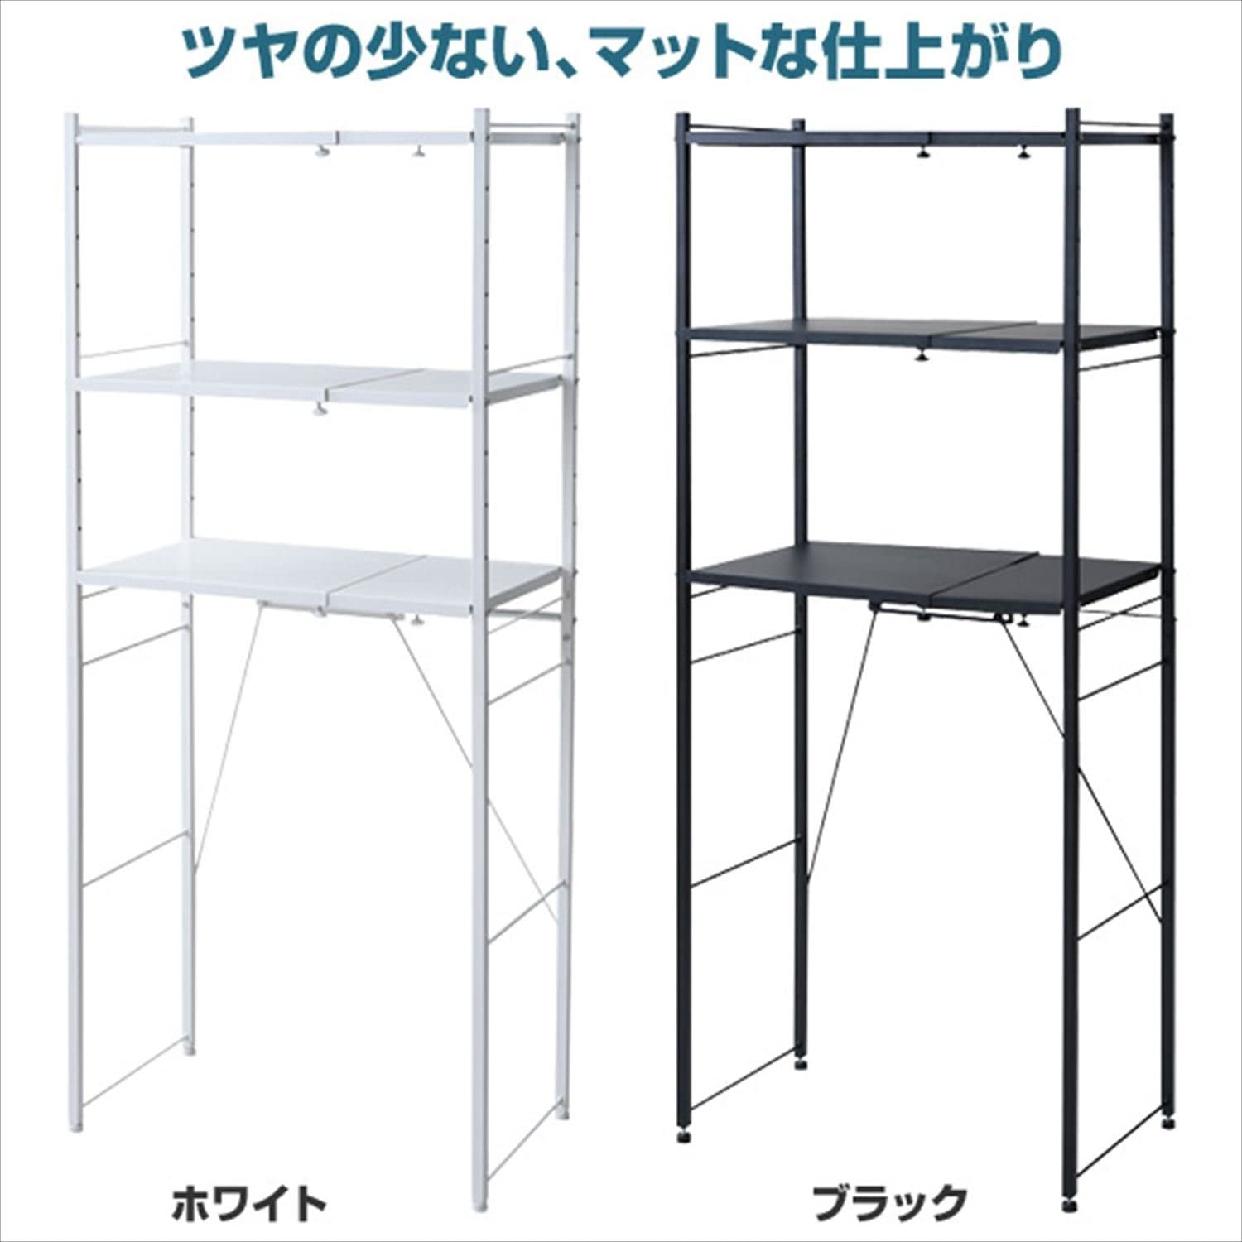 YAMAZEN(ヤマゼン)すっきりキッチンラック 伸縮タイプ/RPE-3 幅50-79.5cmの商品画像4